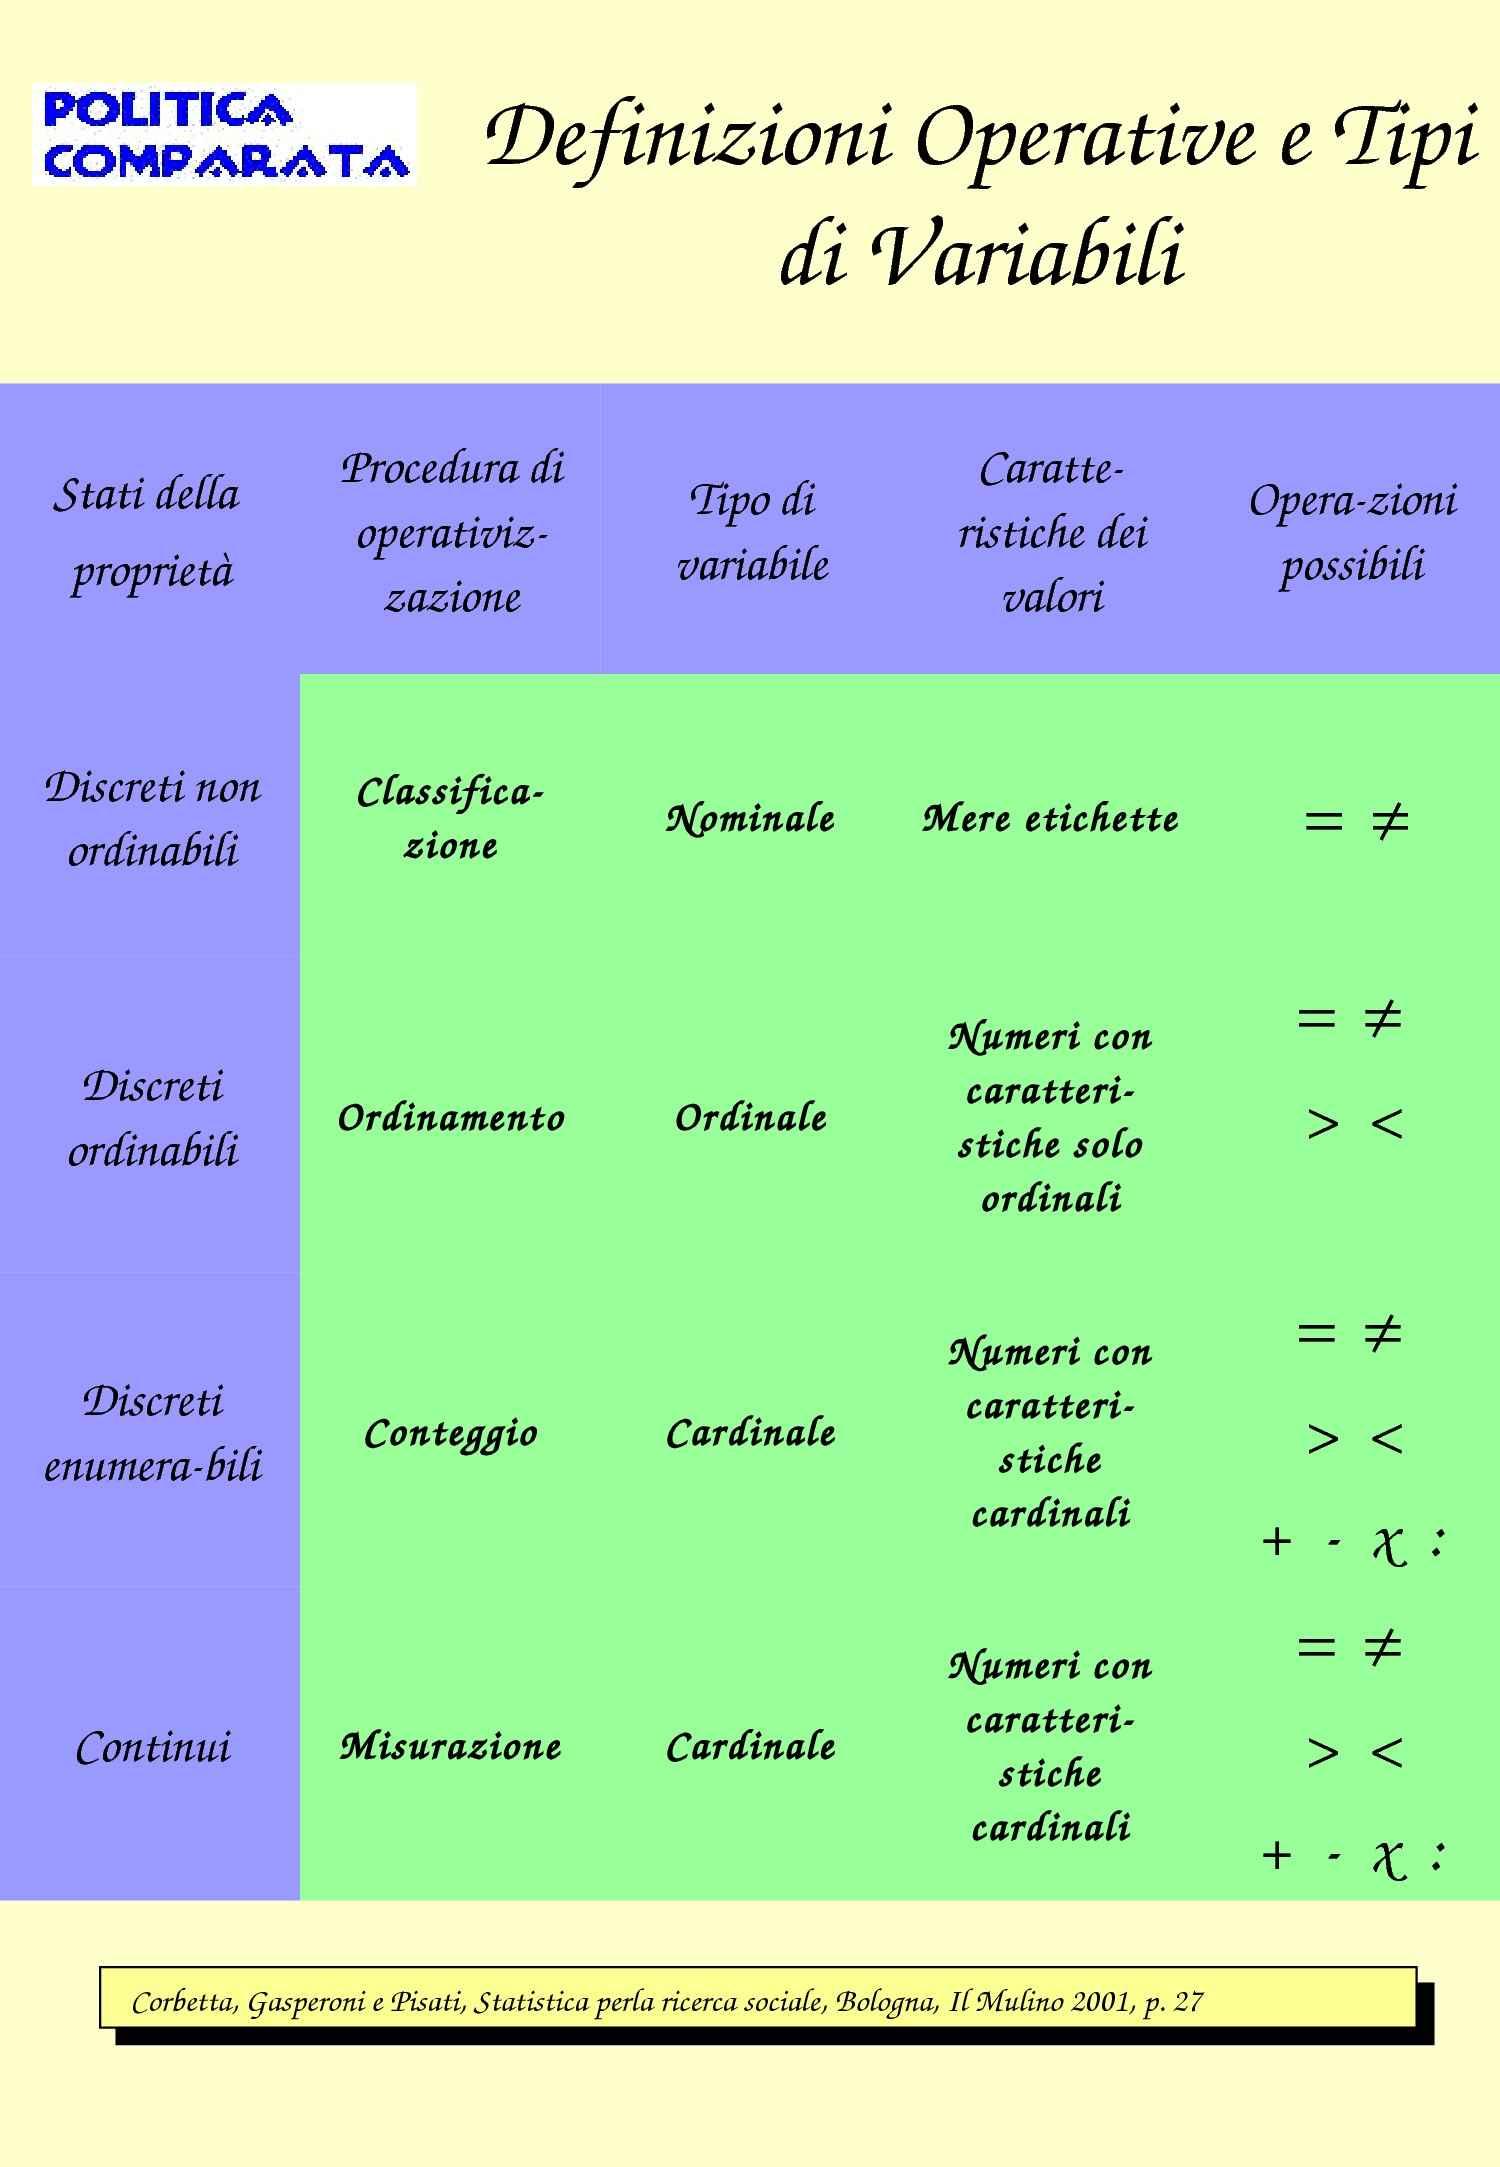 Definizioni operative e tipi di variabili